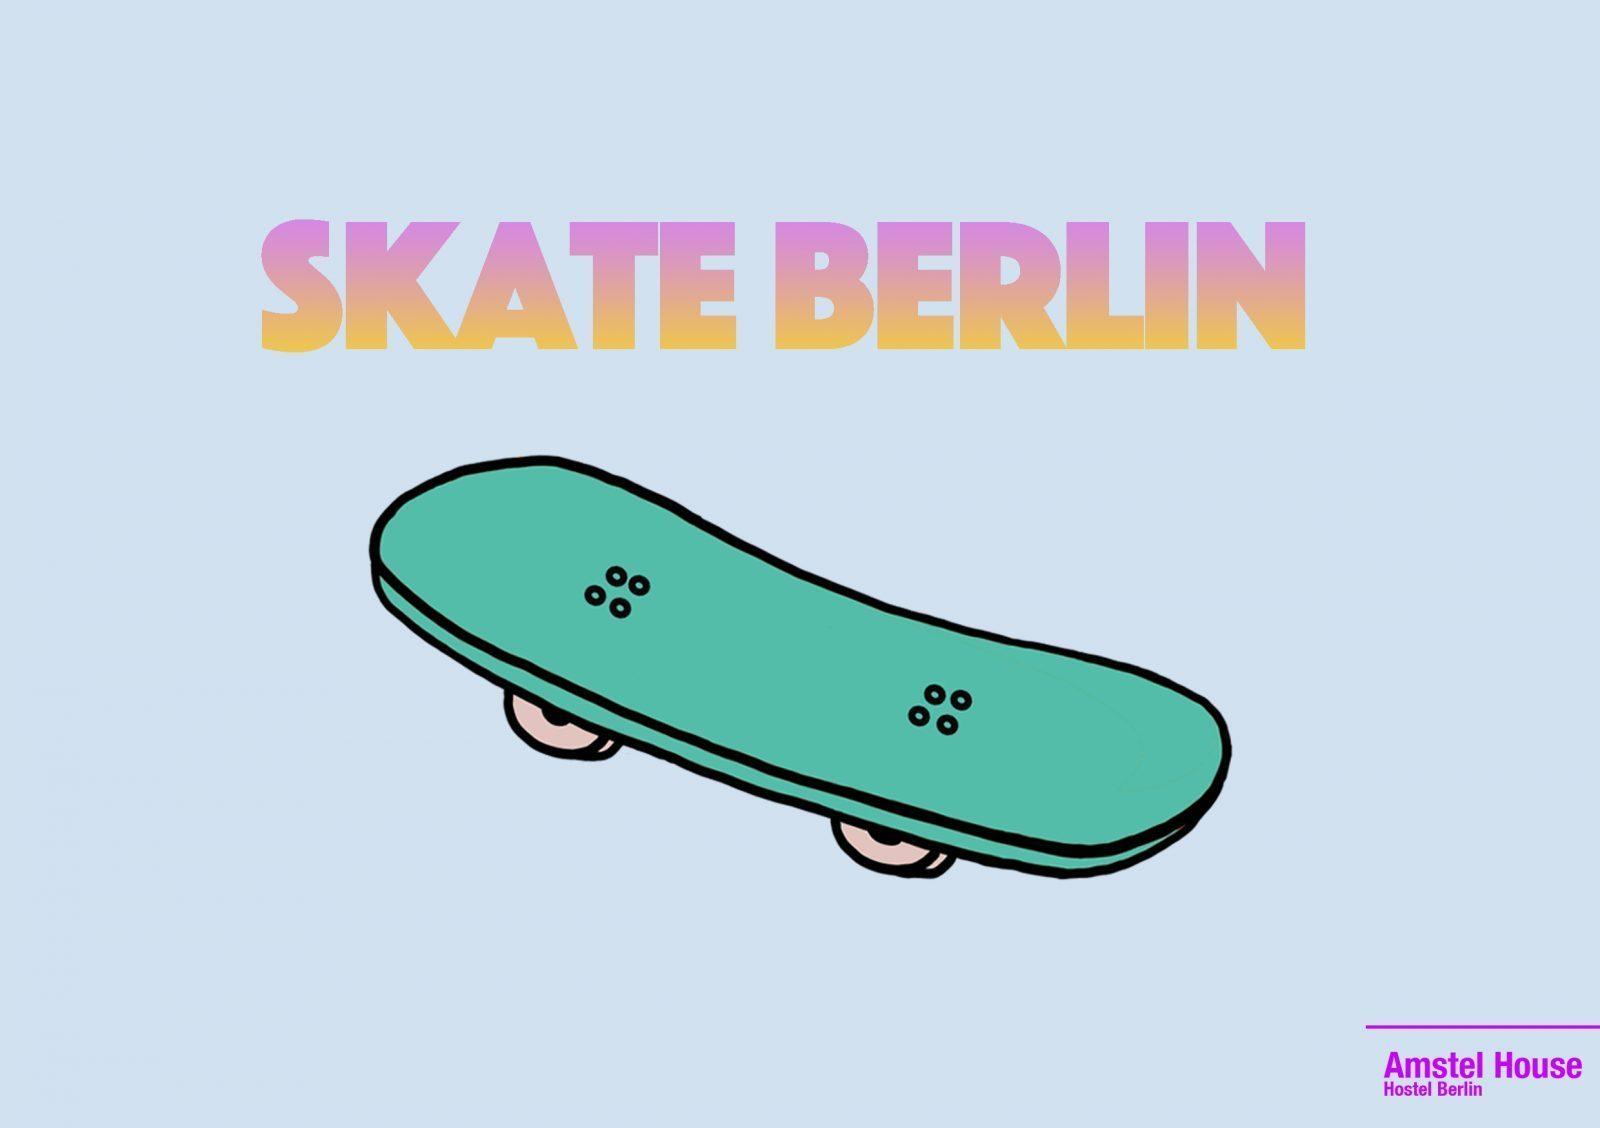 skateparks in berlin and favourite skate spots